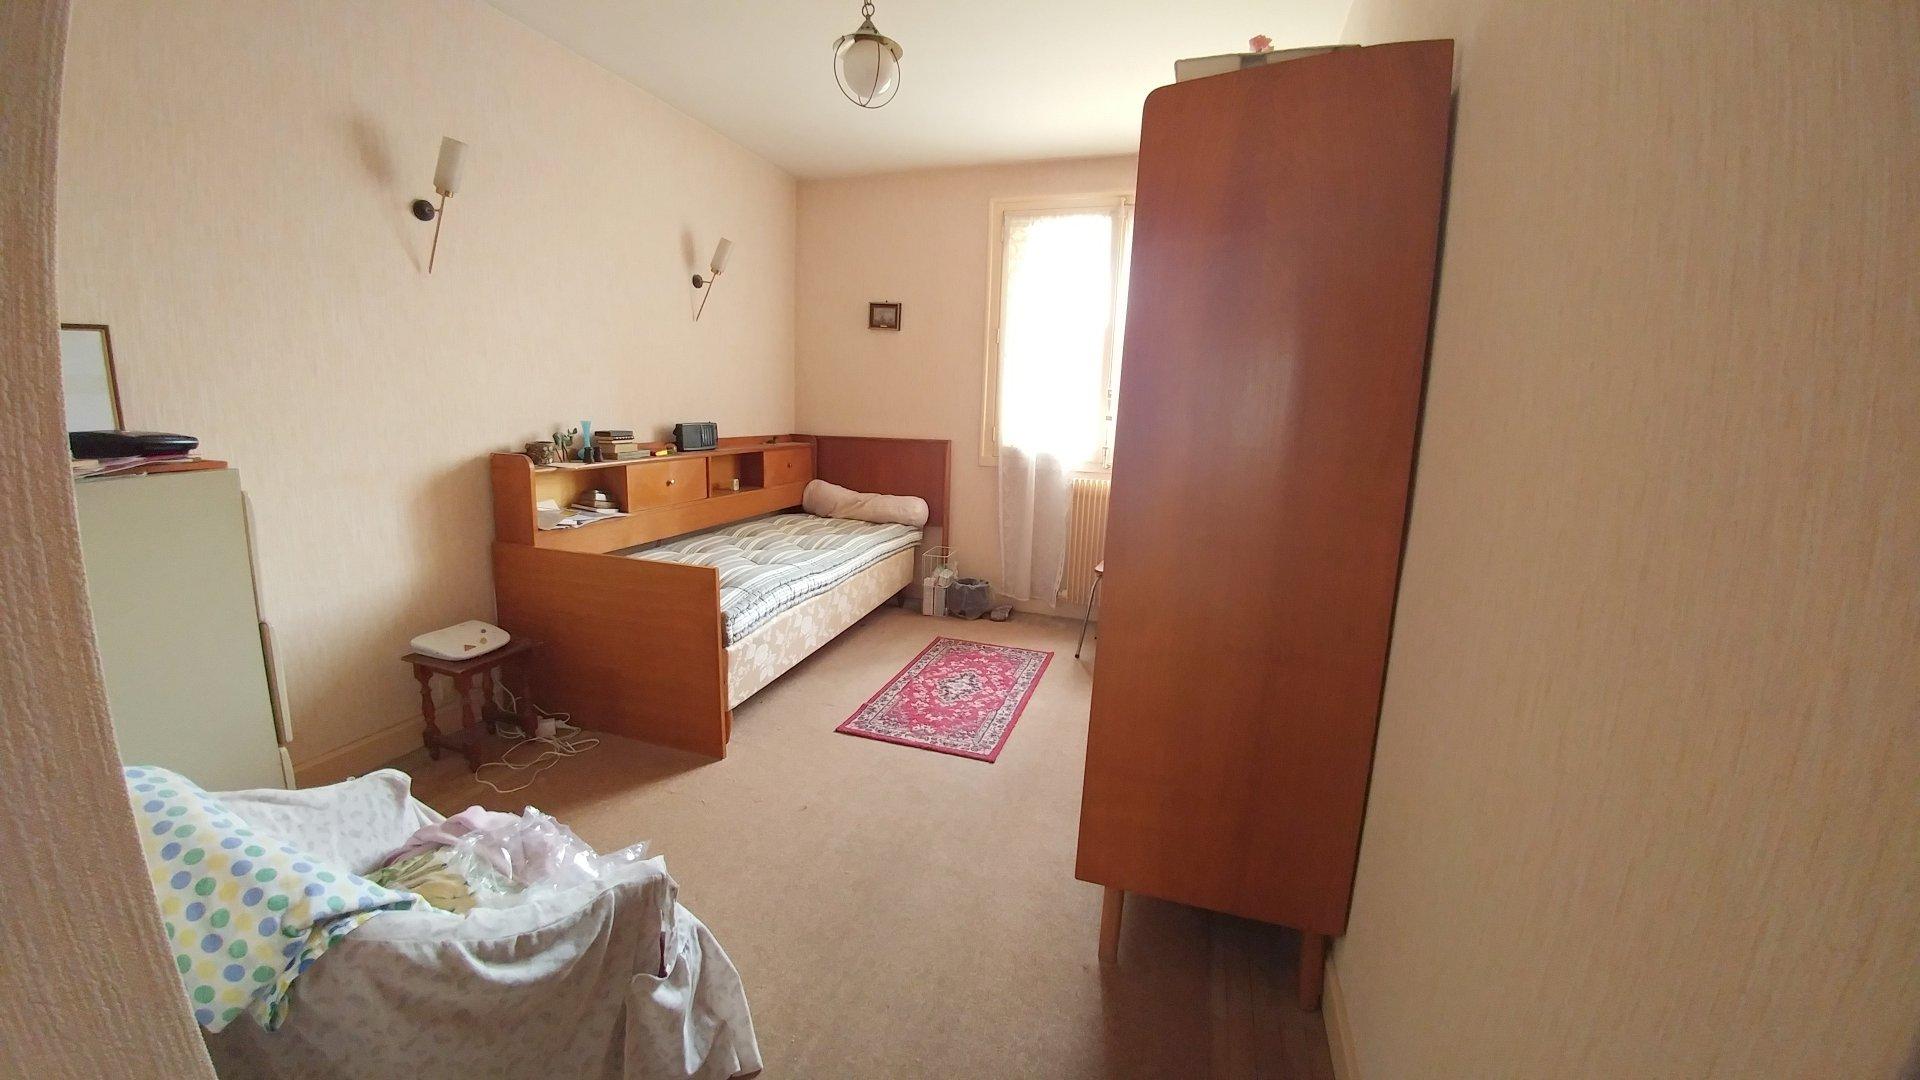 VILLEURBANNE T3 62 m² - VENDU -